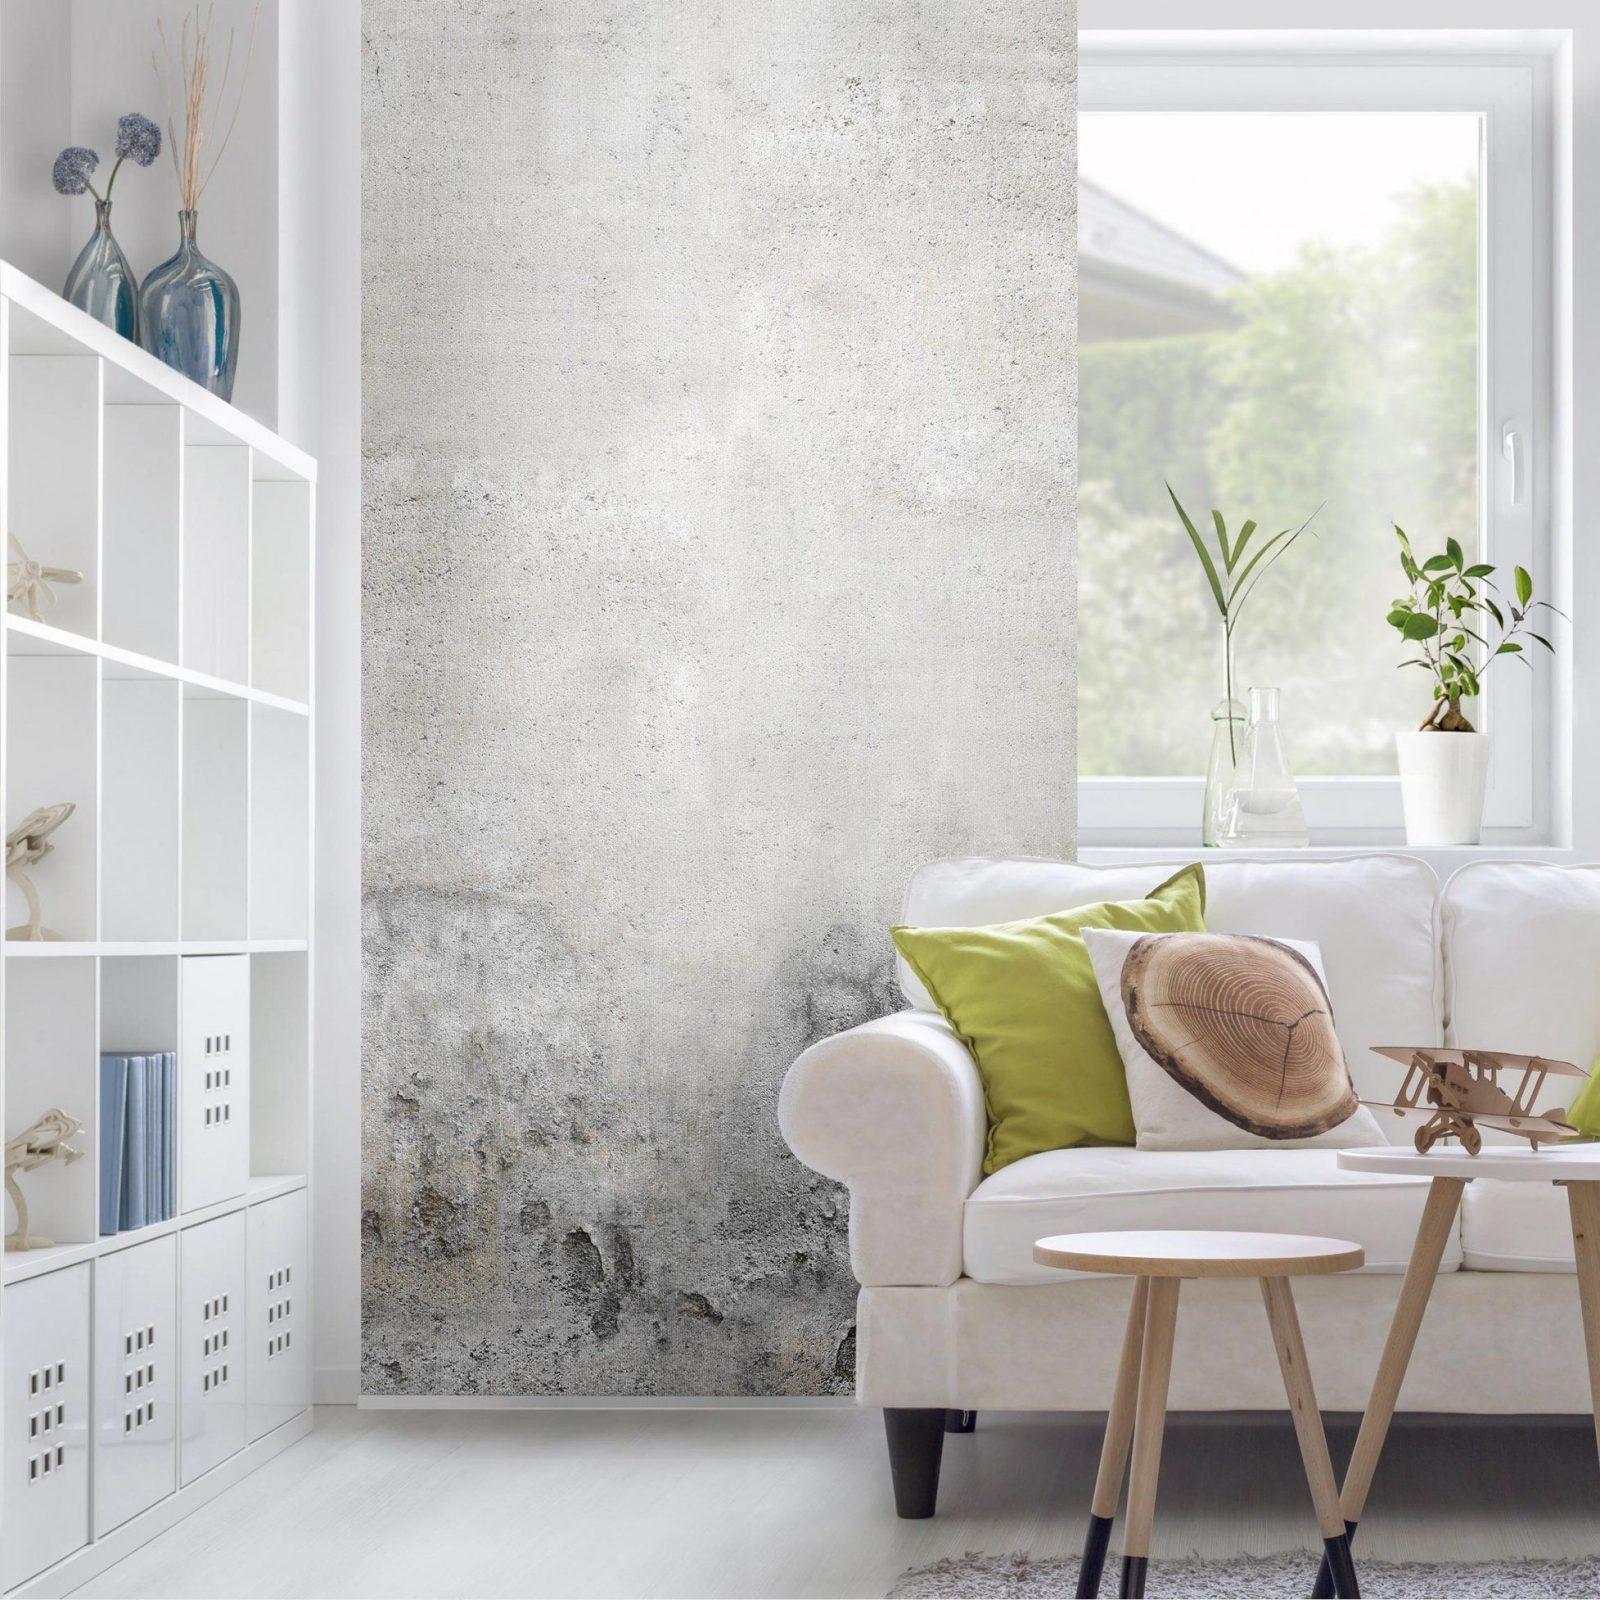 Inspirational Raumtrenner Vorhang Luxus Raumteiler Vorhang Selber von Raumteiler Vorhang Selber Machen Bild